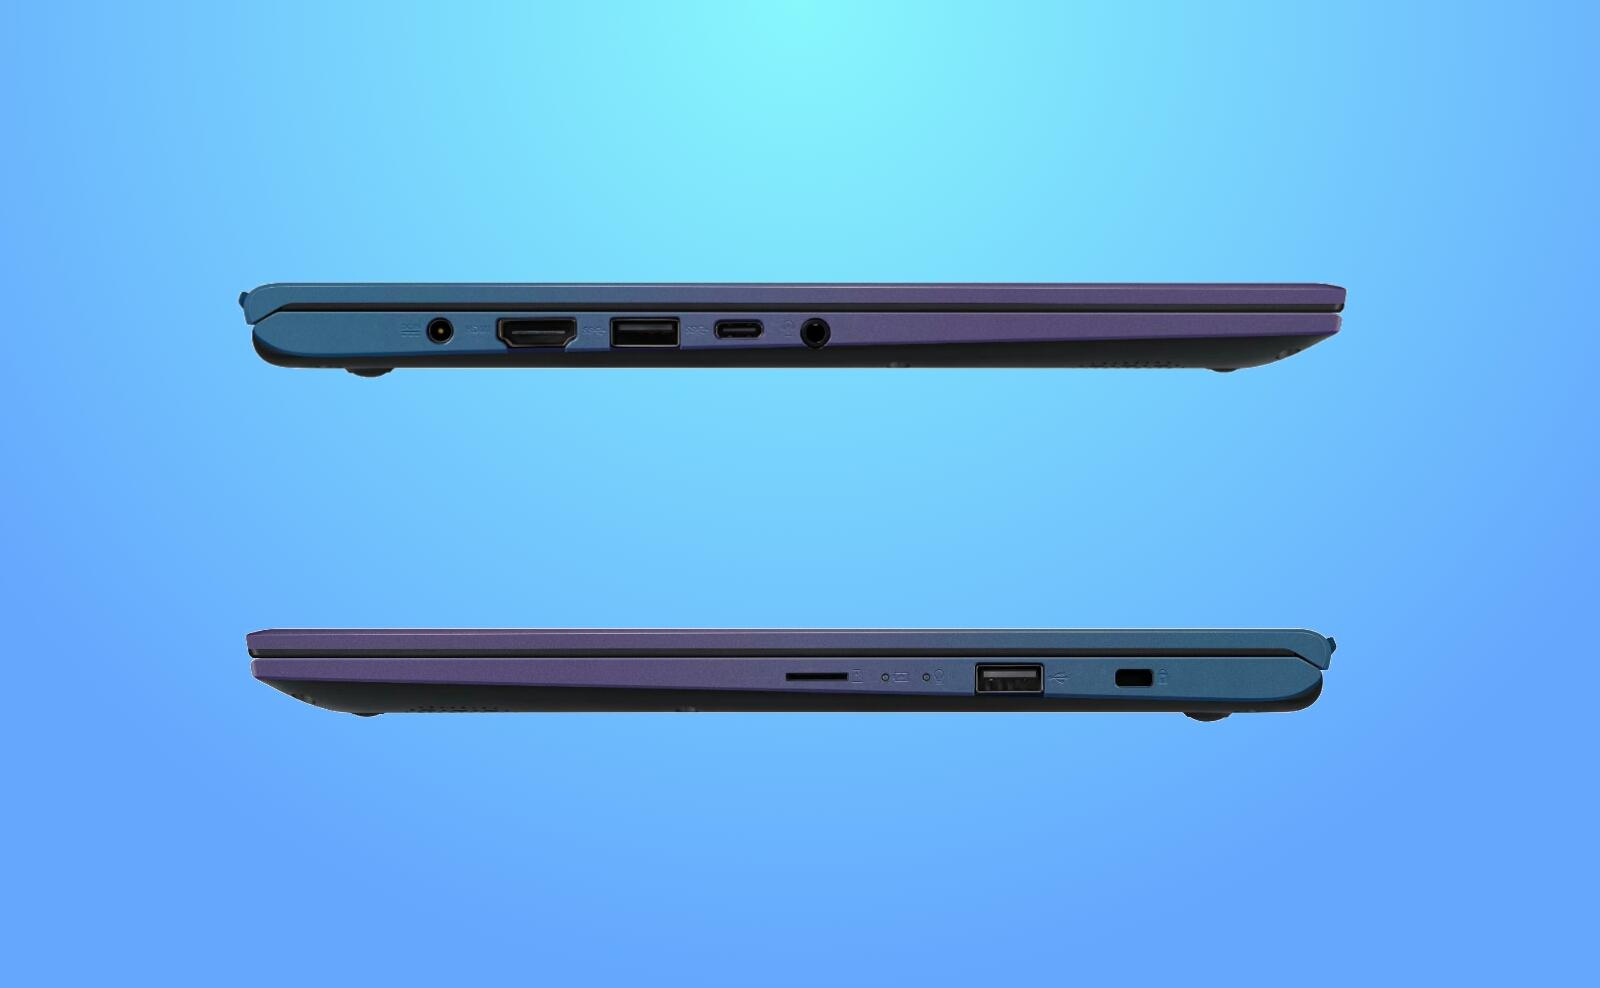 ASUS vivobook laptop paling Ringkas